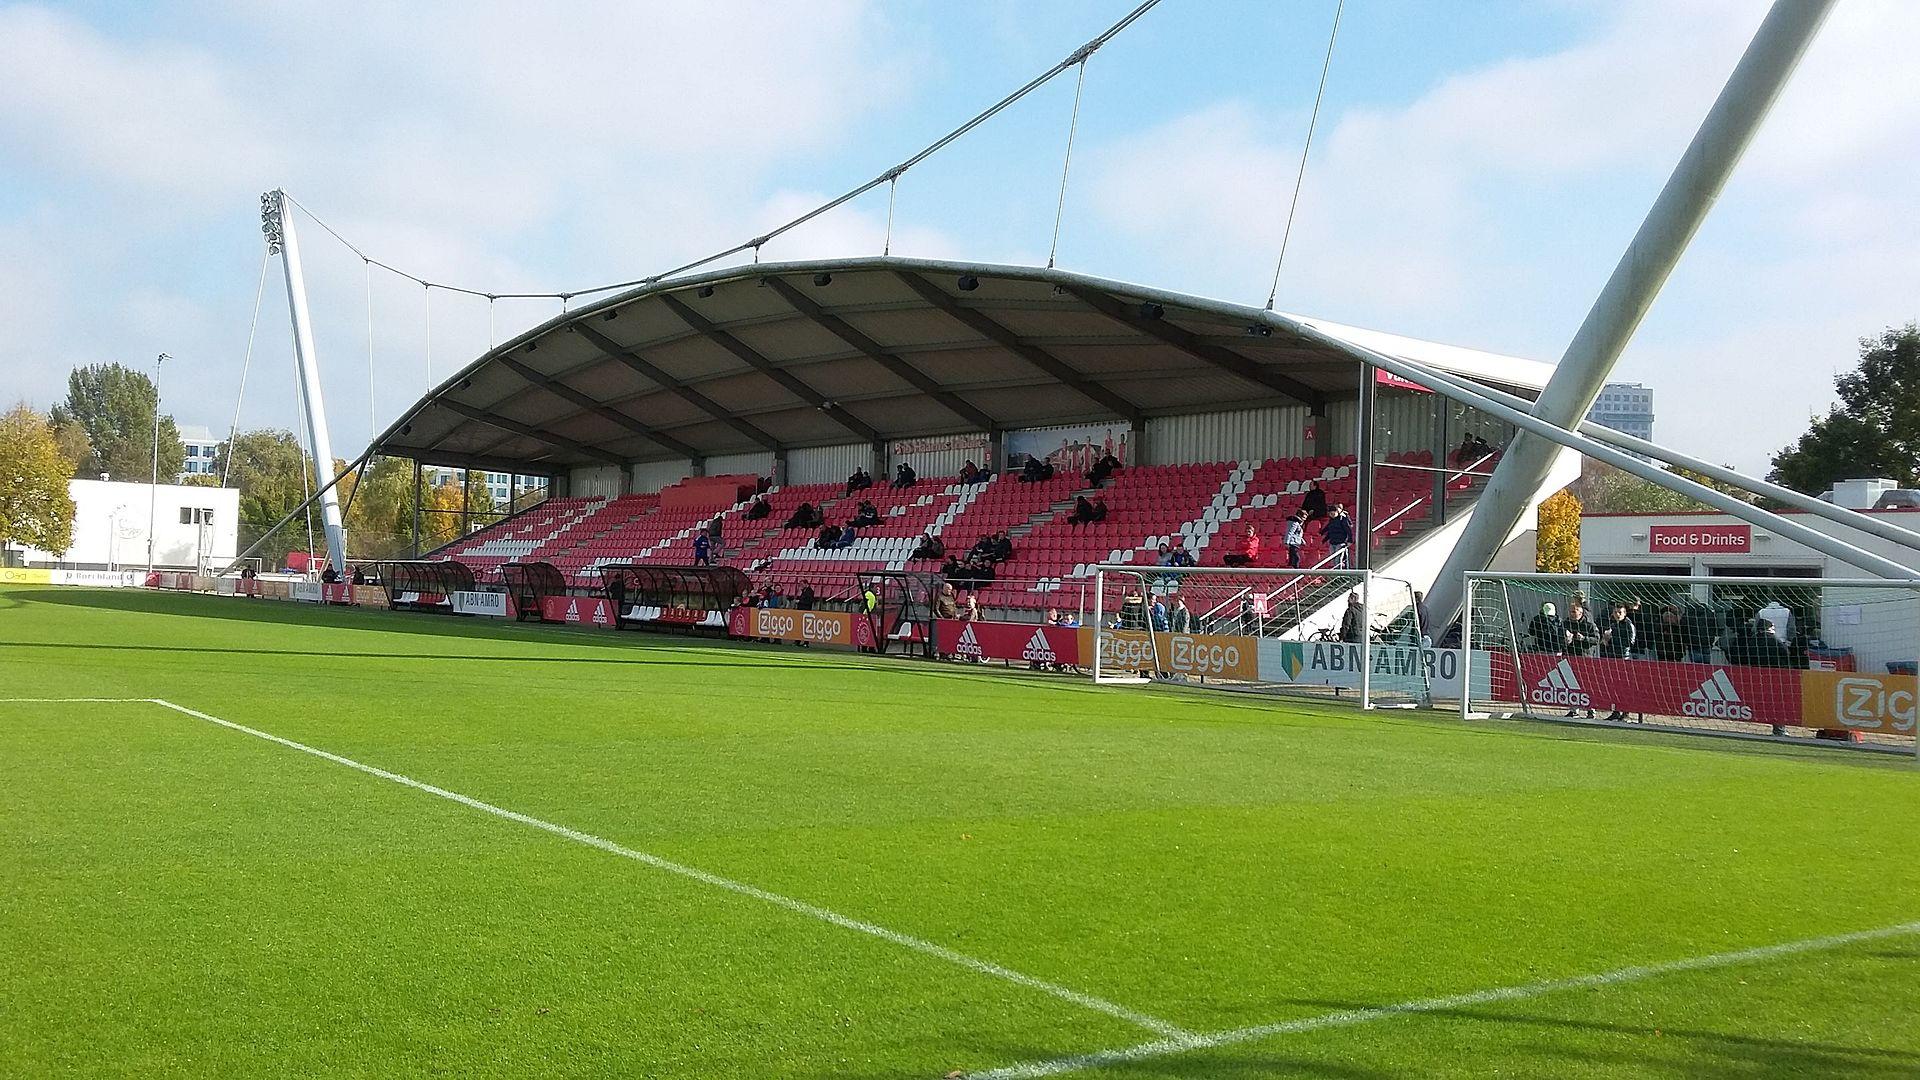 Sportpark de toekomst wikipedia for B b amsterdam